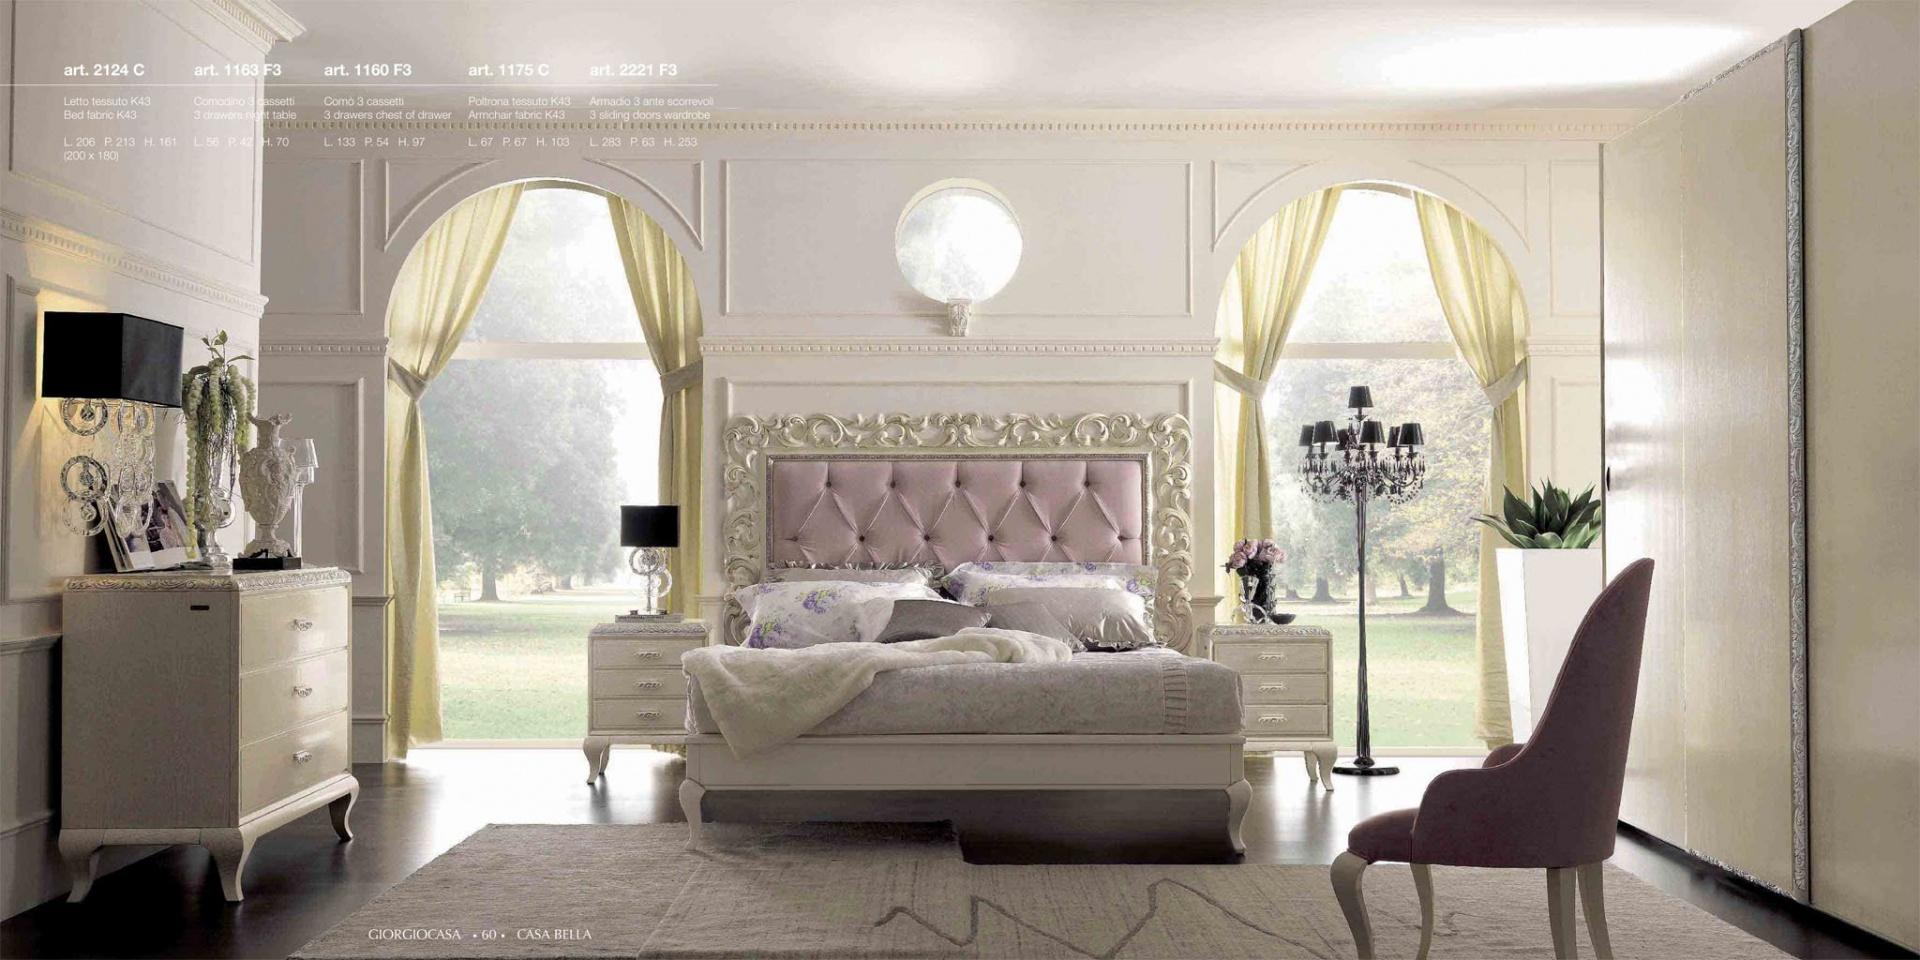 Casa bella изысканная спальня IM78